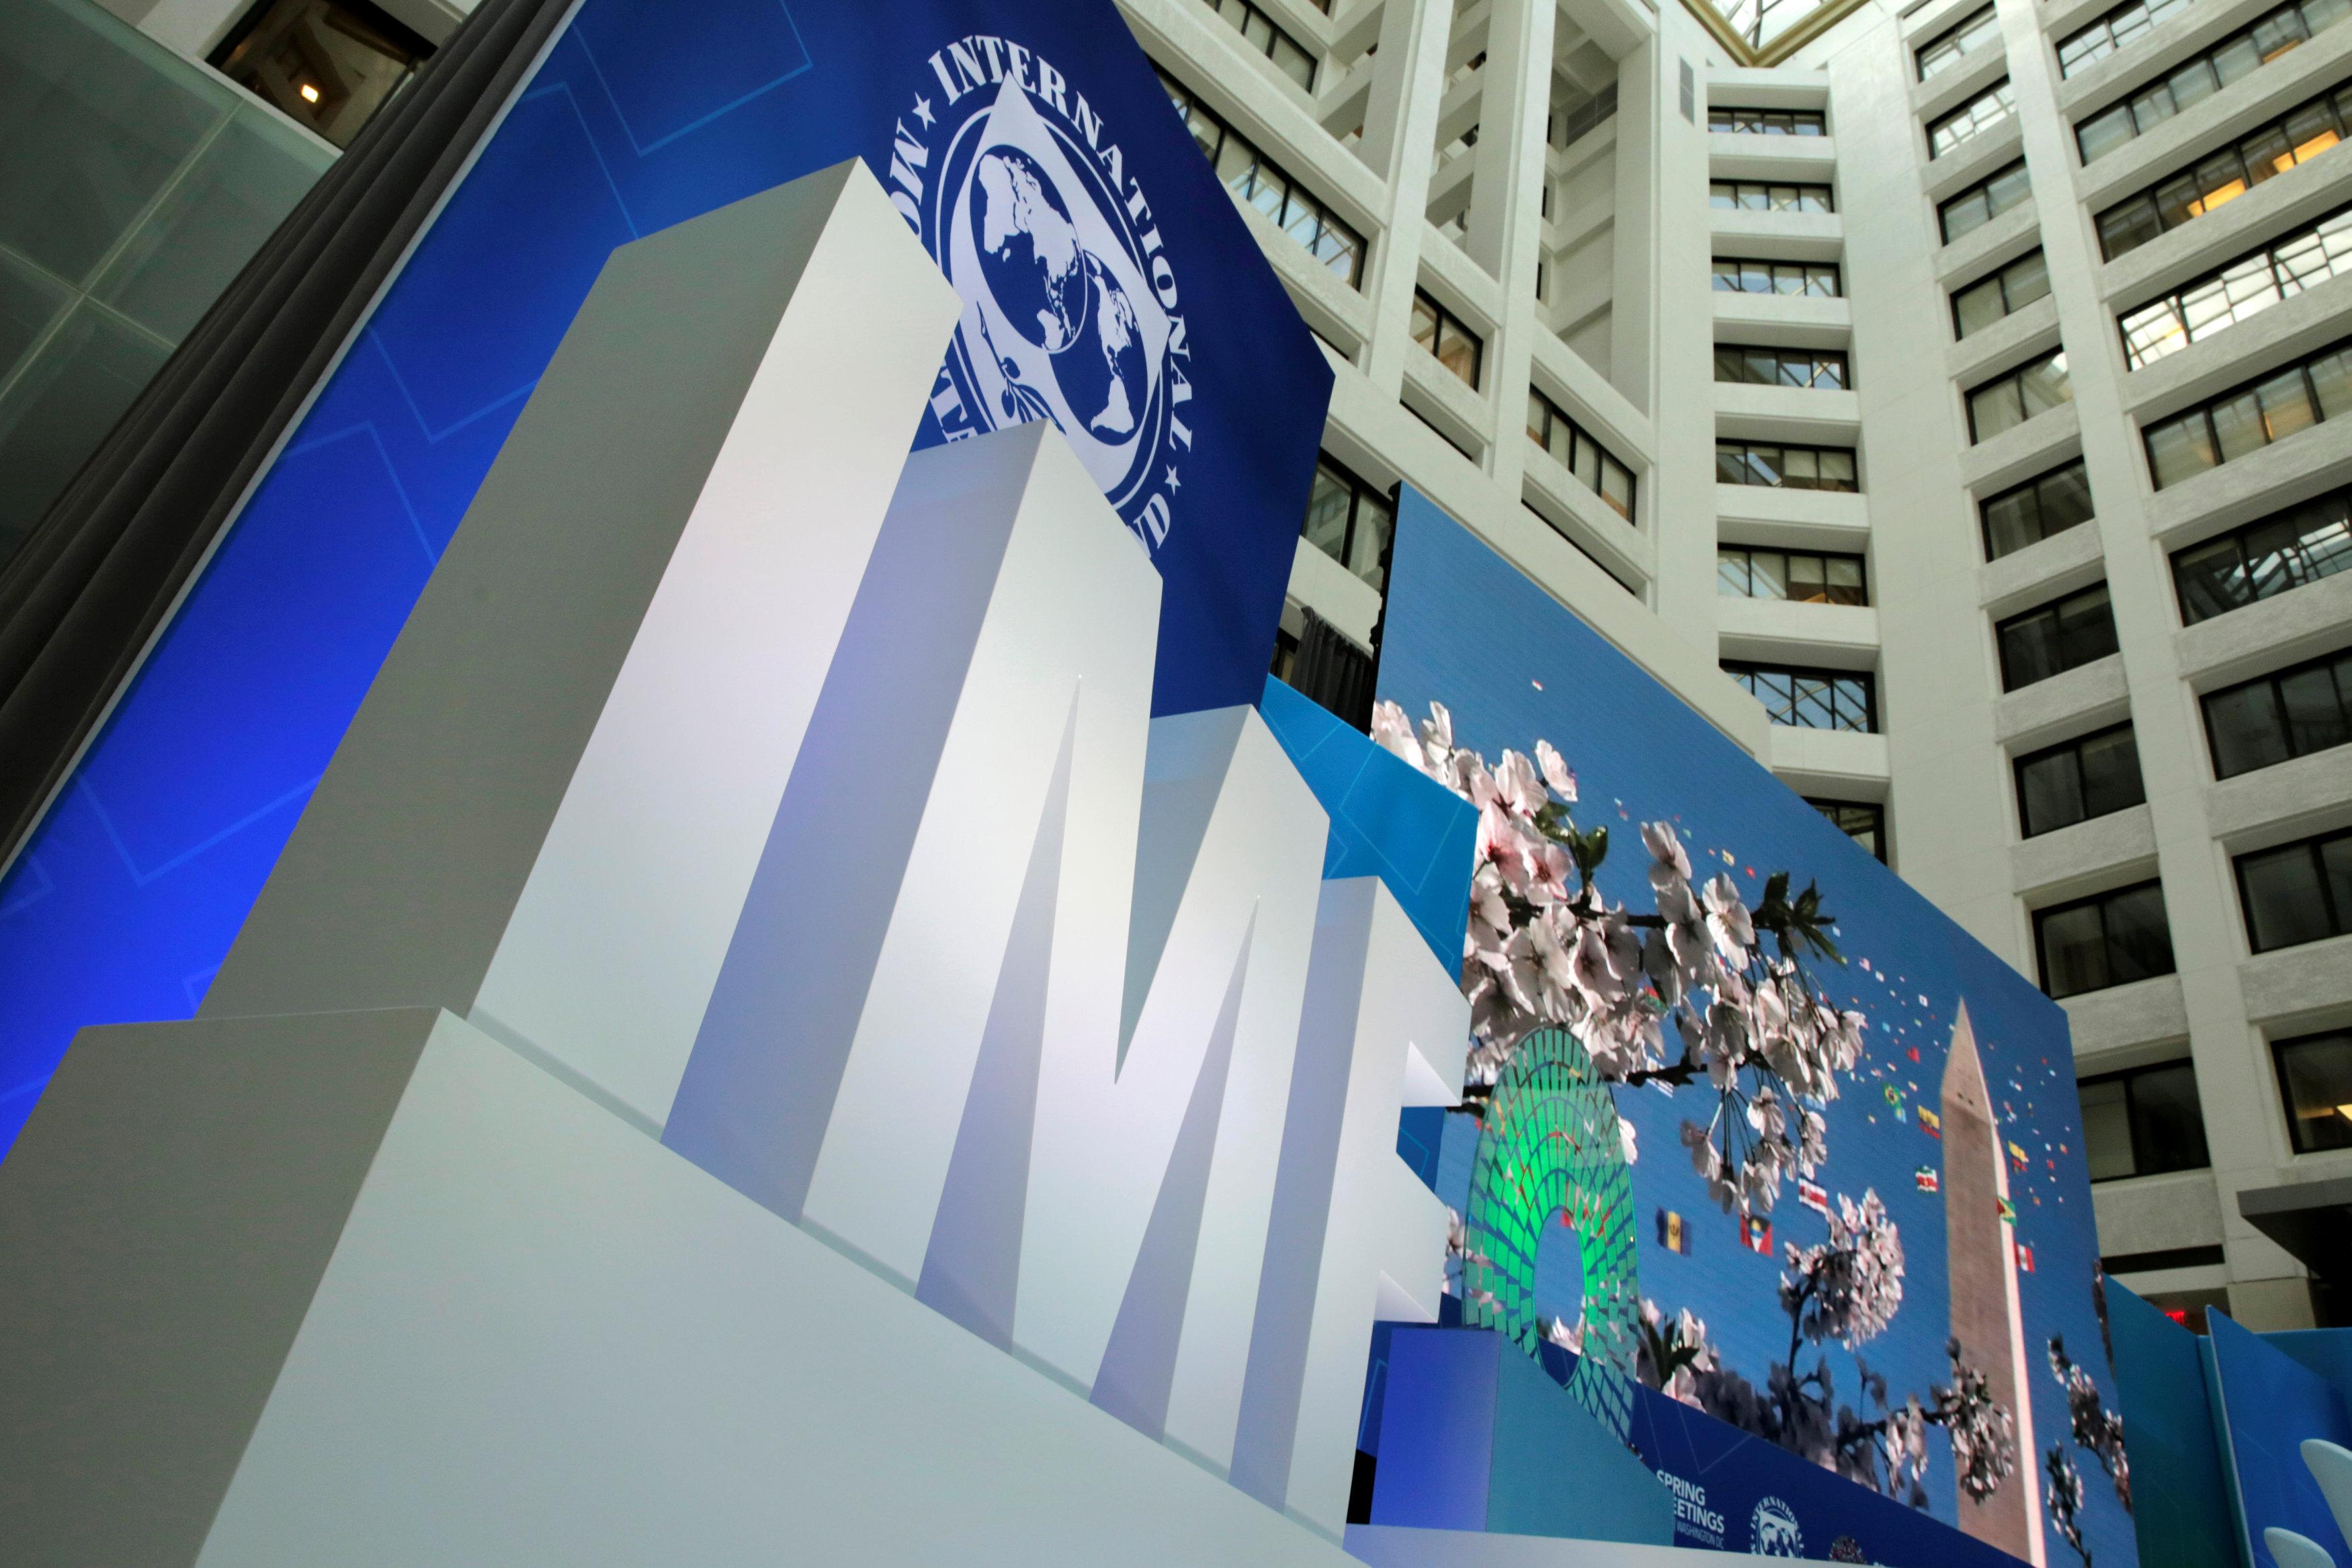 ΔΝΤ: Κλειστά χαρτιά για την ανάγκη ή όχι προληπτικής γραμμής πίστωσης | tovima.gr